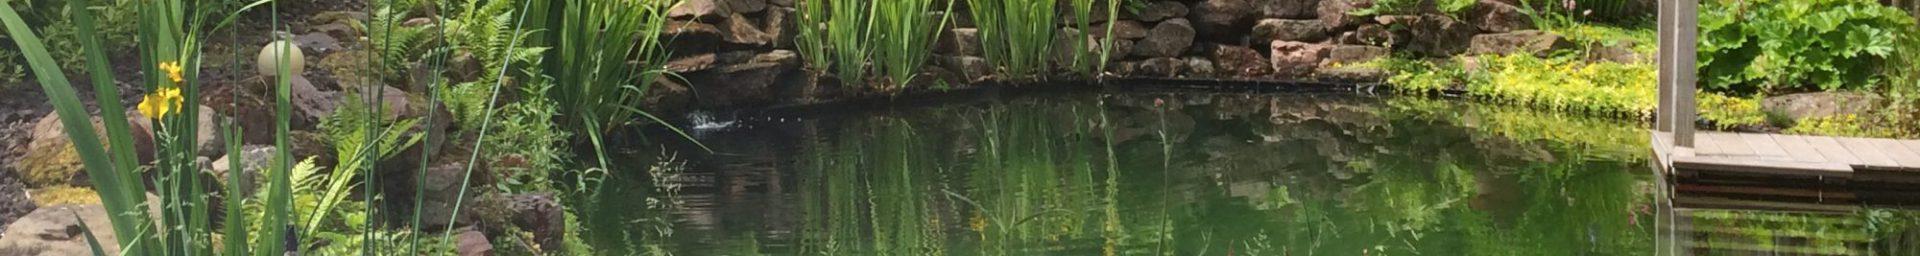 Réserve d'incendie aménagée en étang de baignade près de Strasbourg